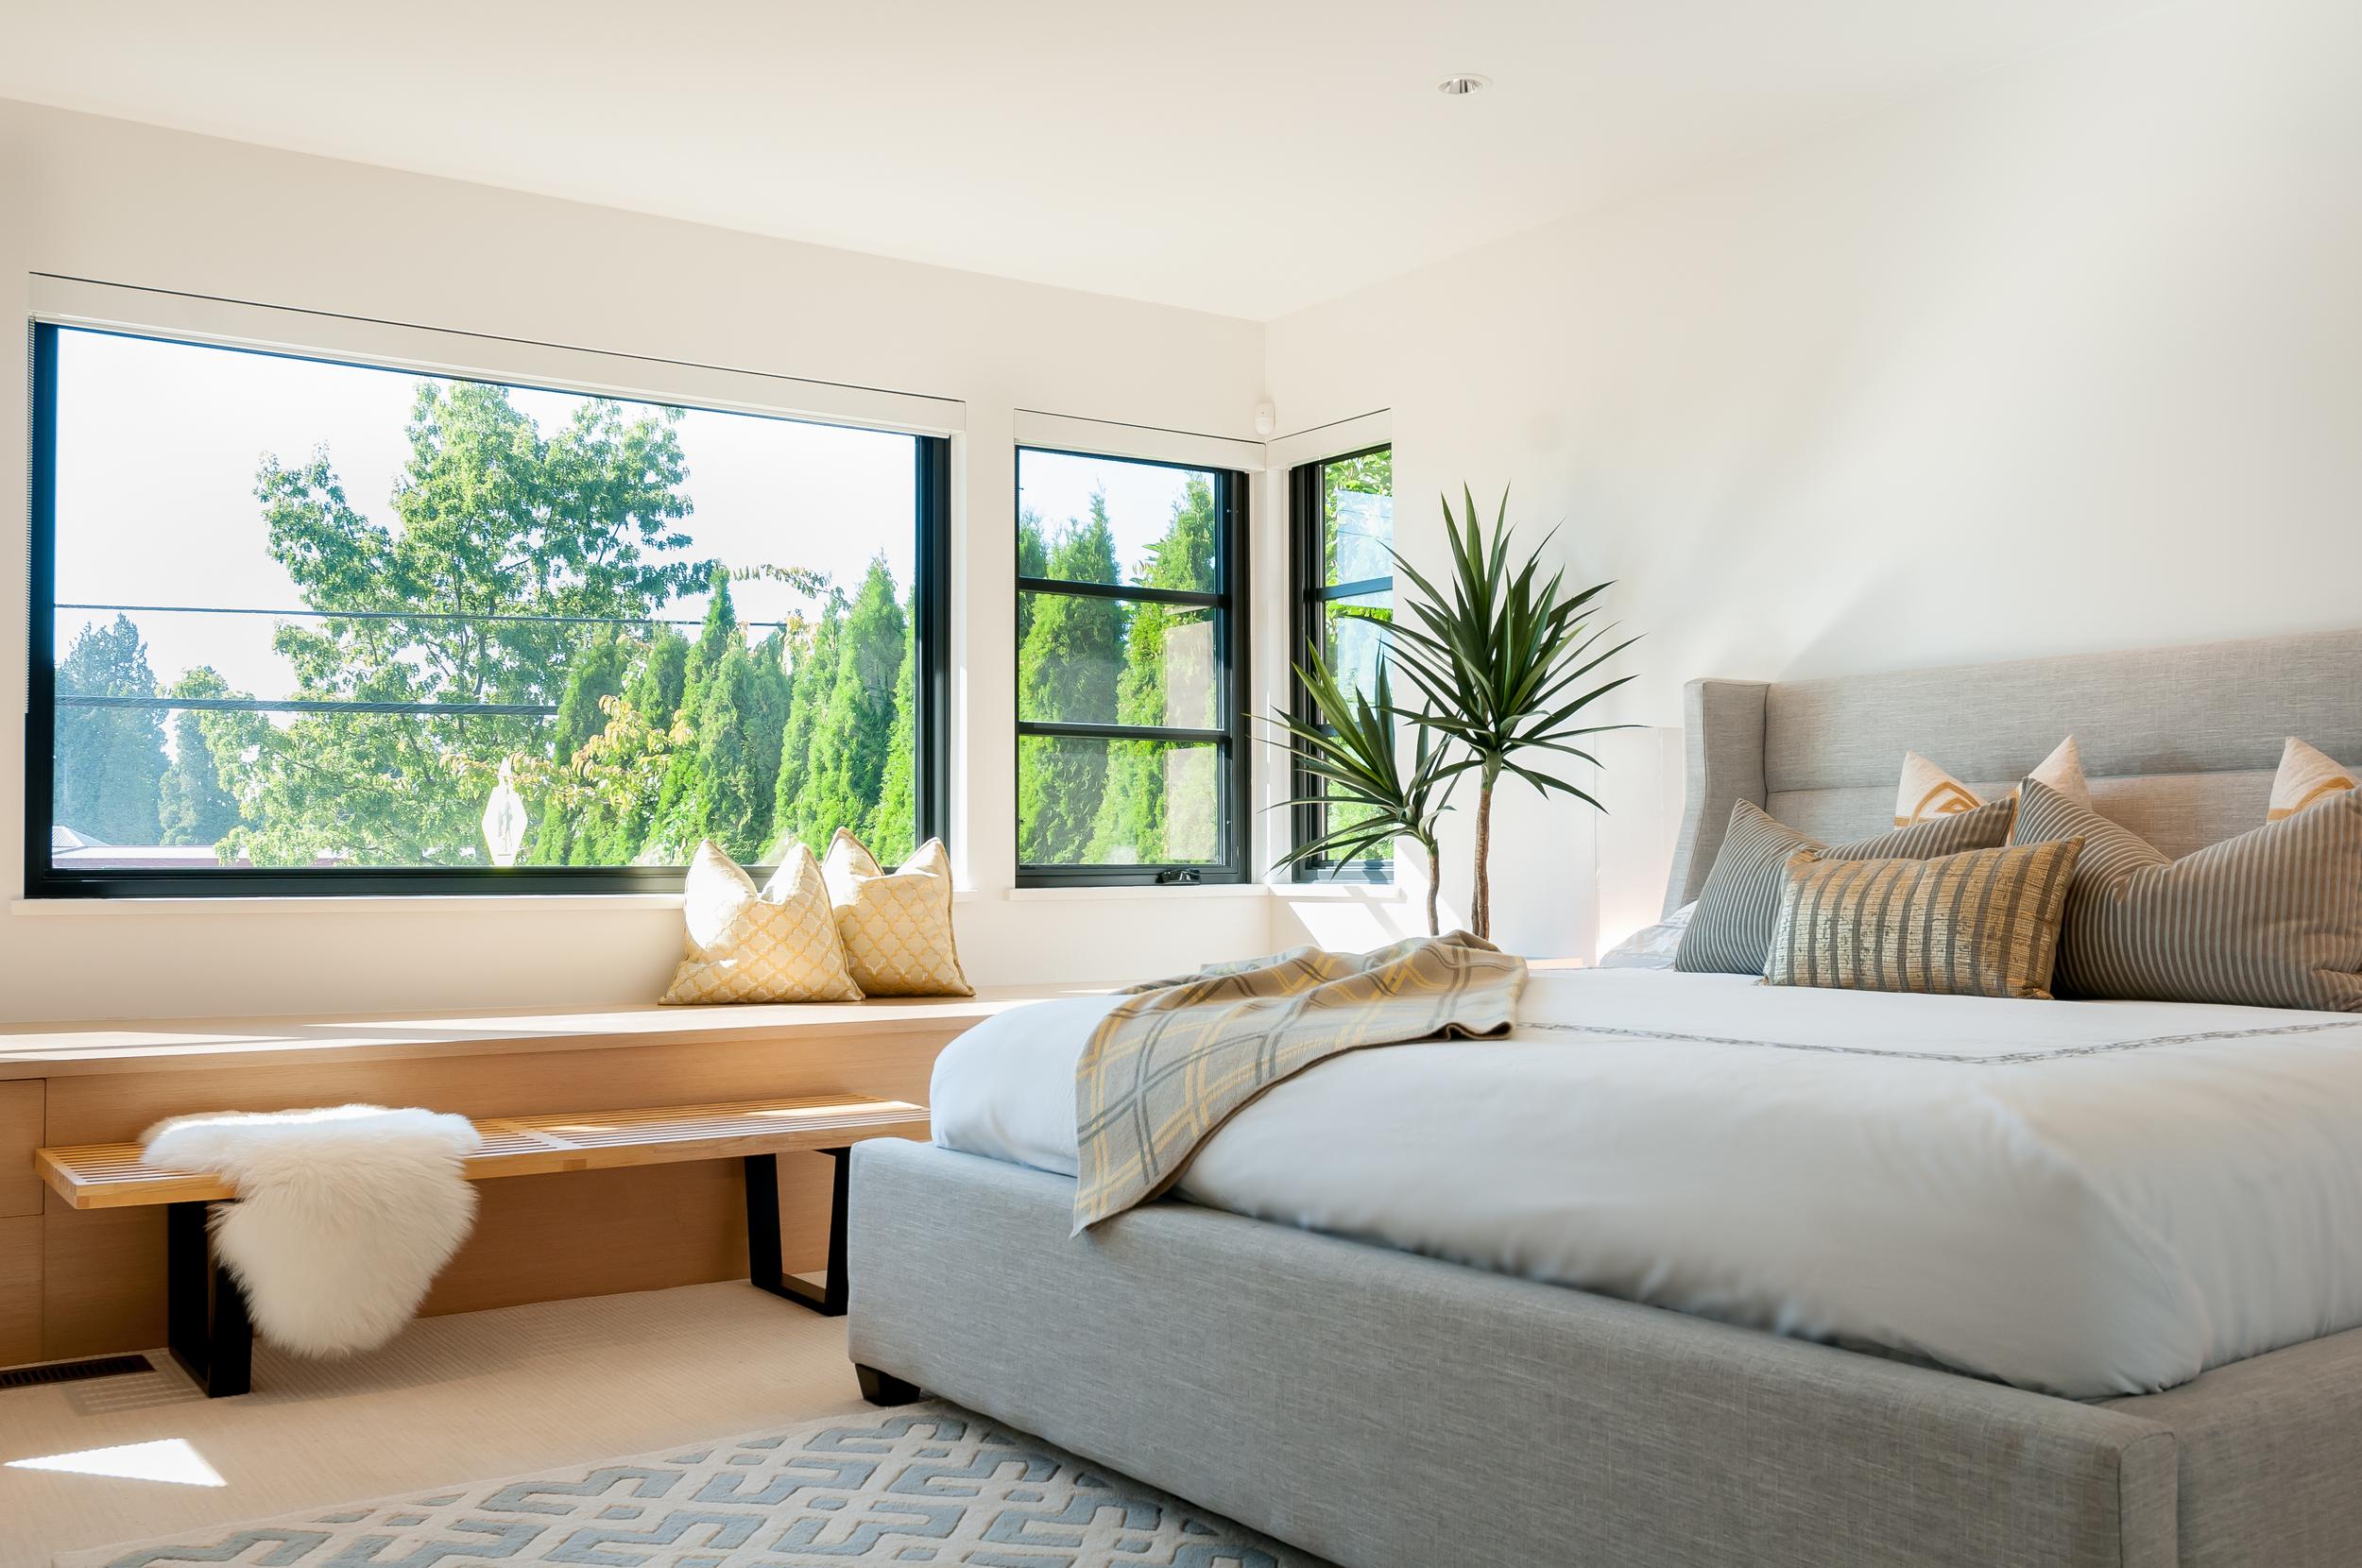 11 - Blaine_House_20_Master_Bedroom.jpg